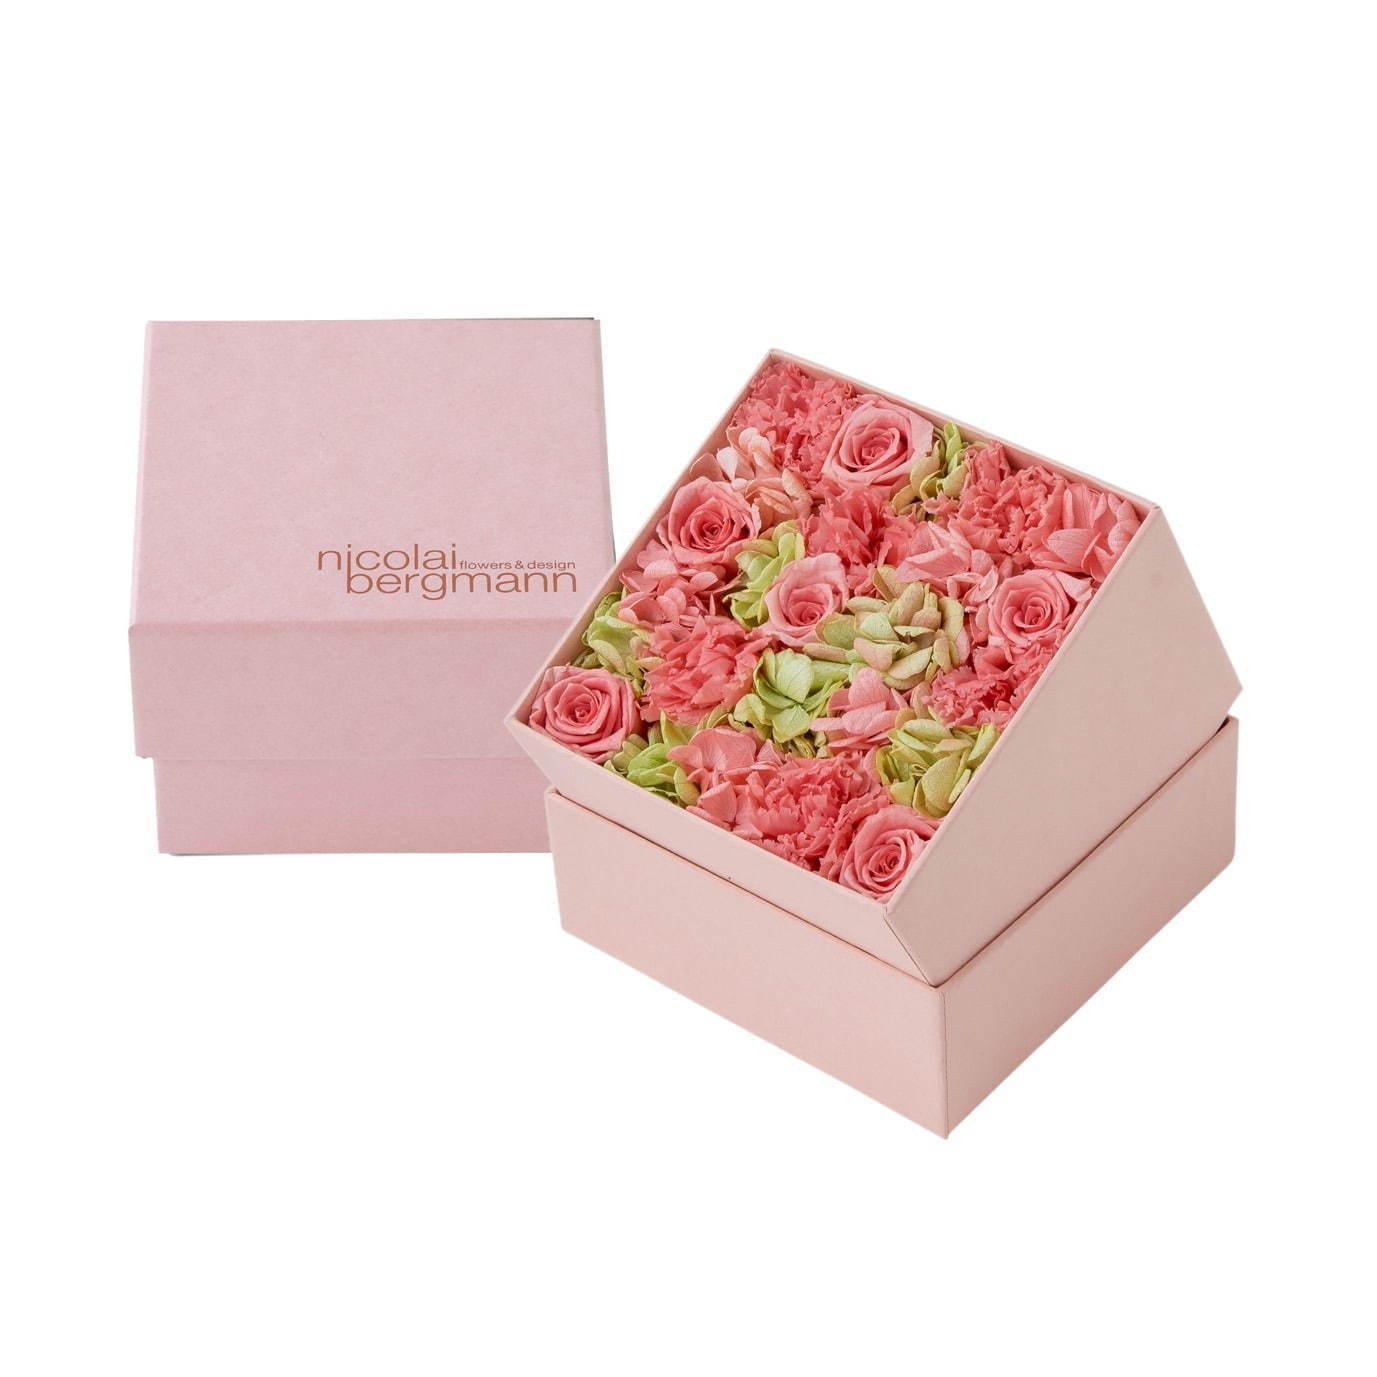 『ニコライ・バーグマン』の「母の日限定フラワーボックス」を大好きなお母さんへ贈ろう♡_2